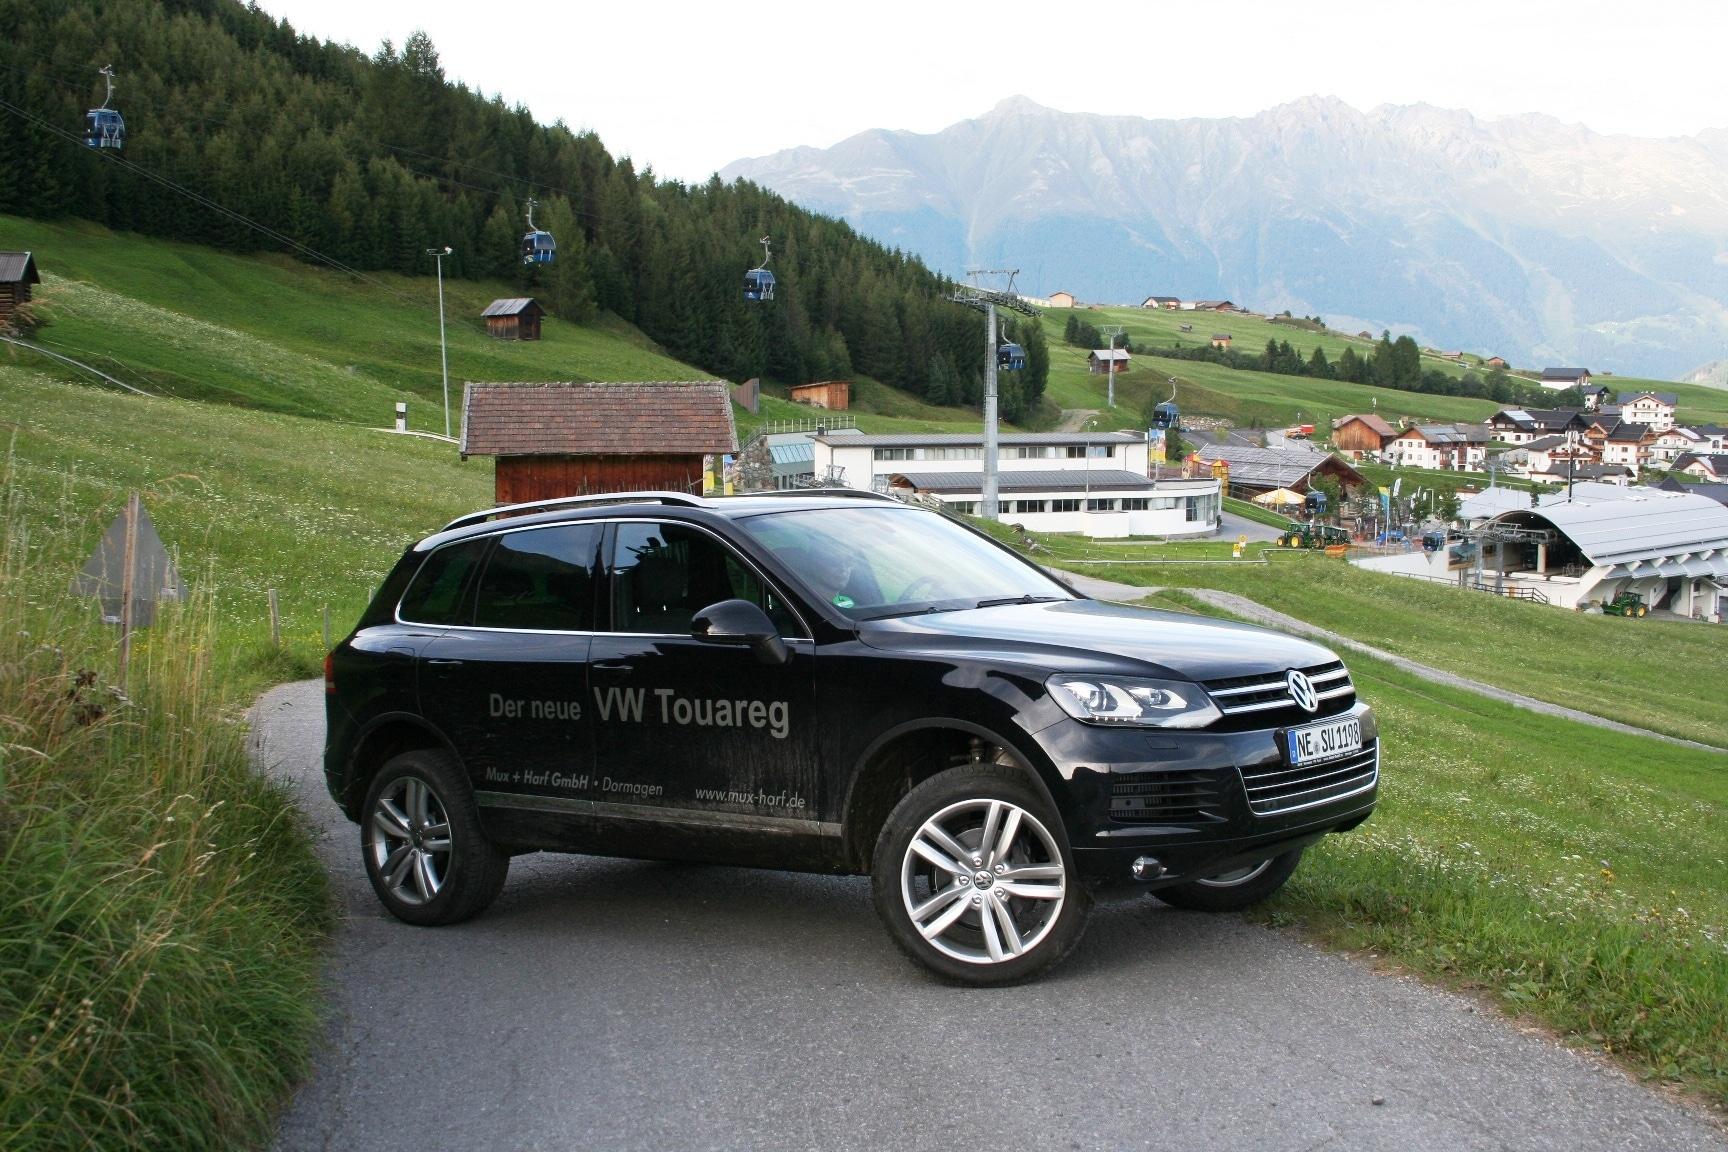 Touareg Tirol 2010 047